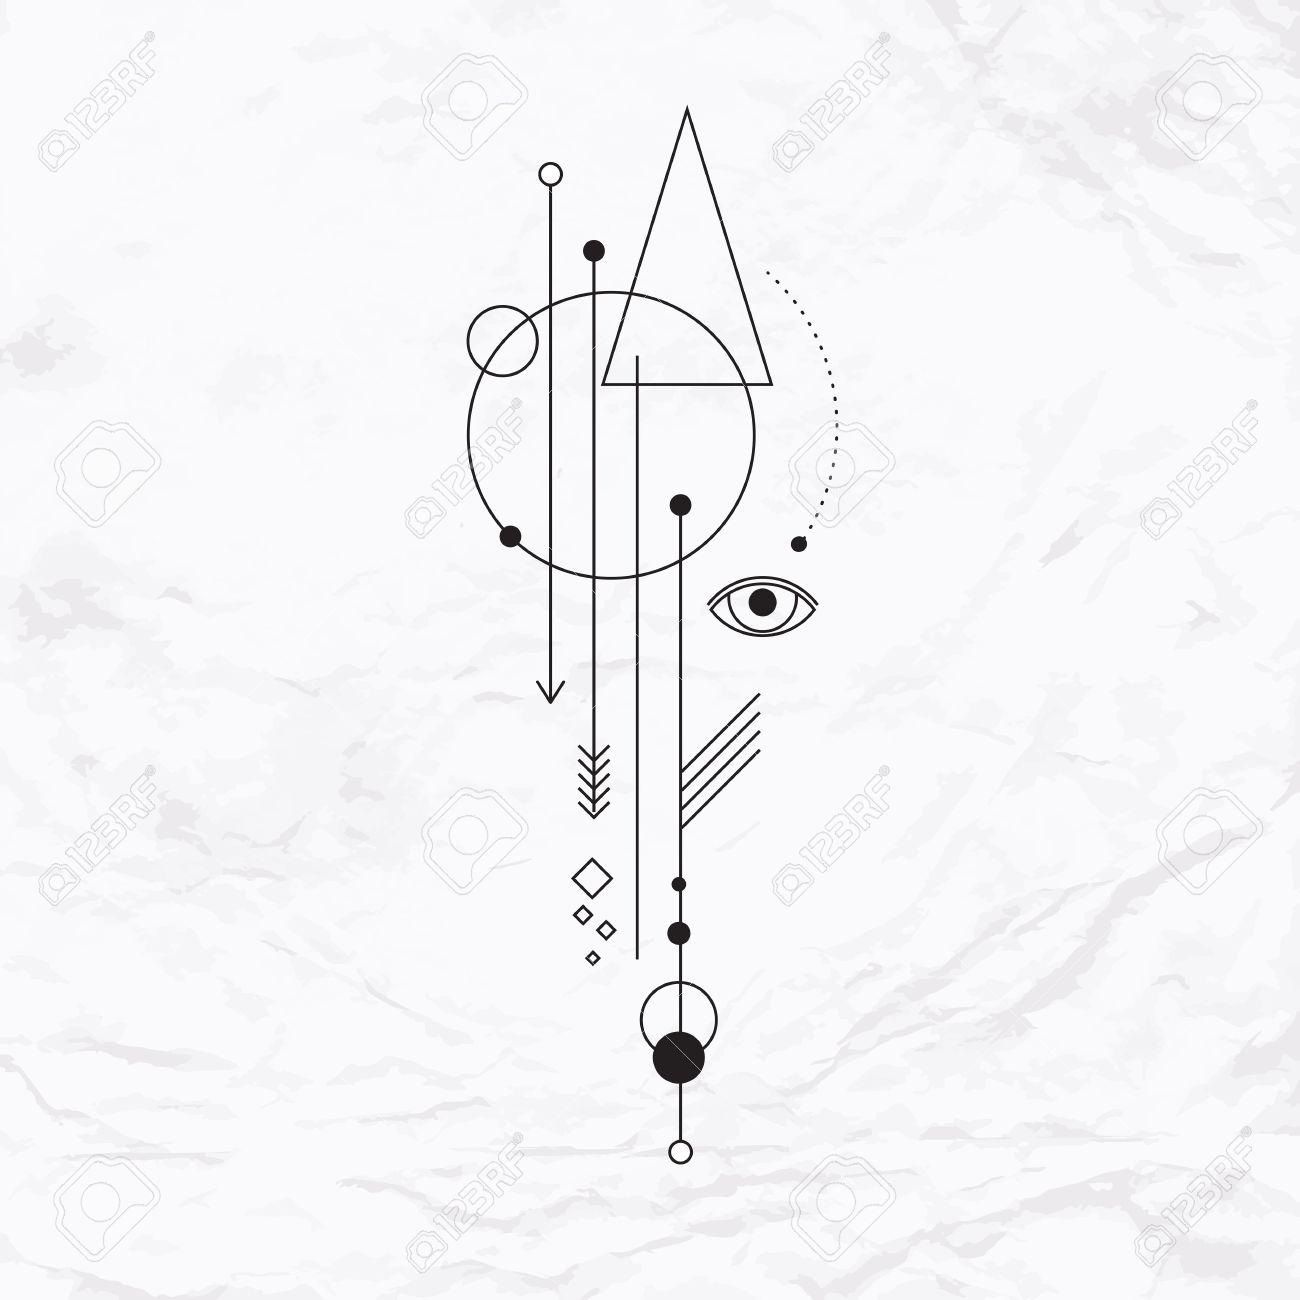 Signo Mistico Abstracto Con Formas Geometricas Triangulos Galones